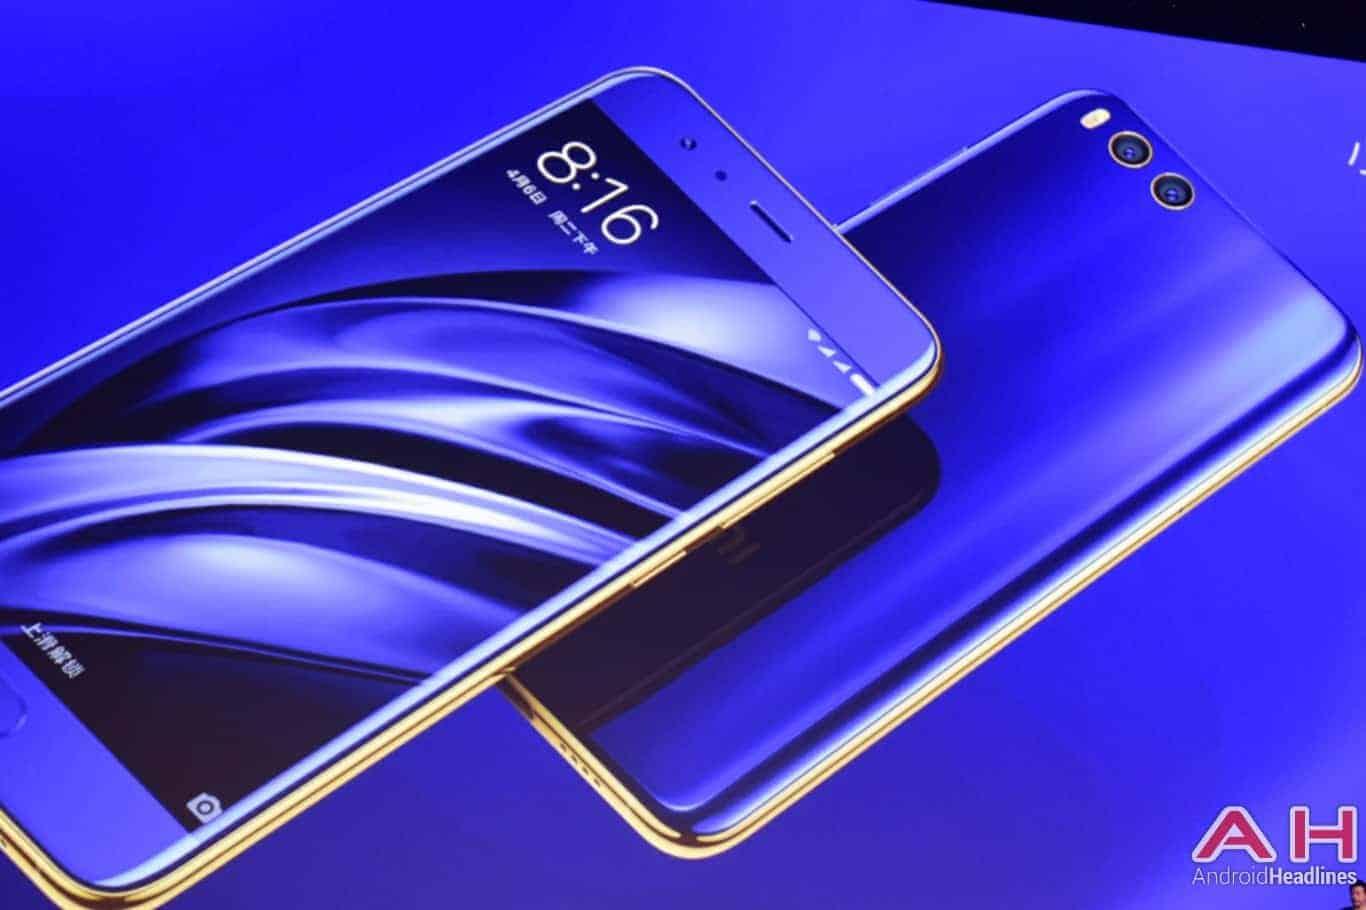 AH Xiaomi Mi 6 keynote 5